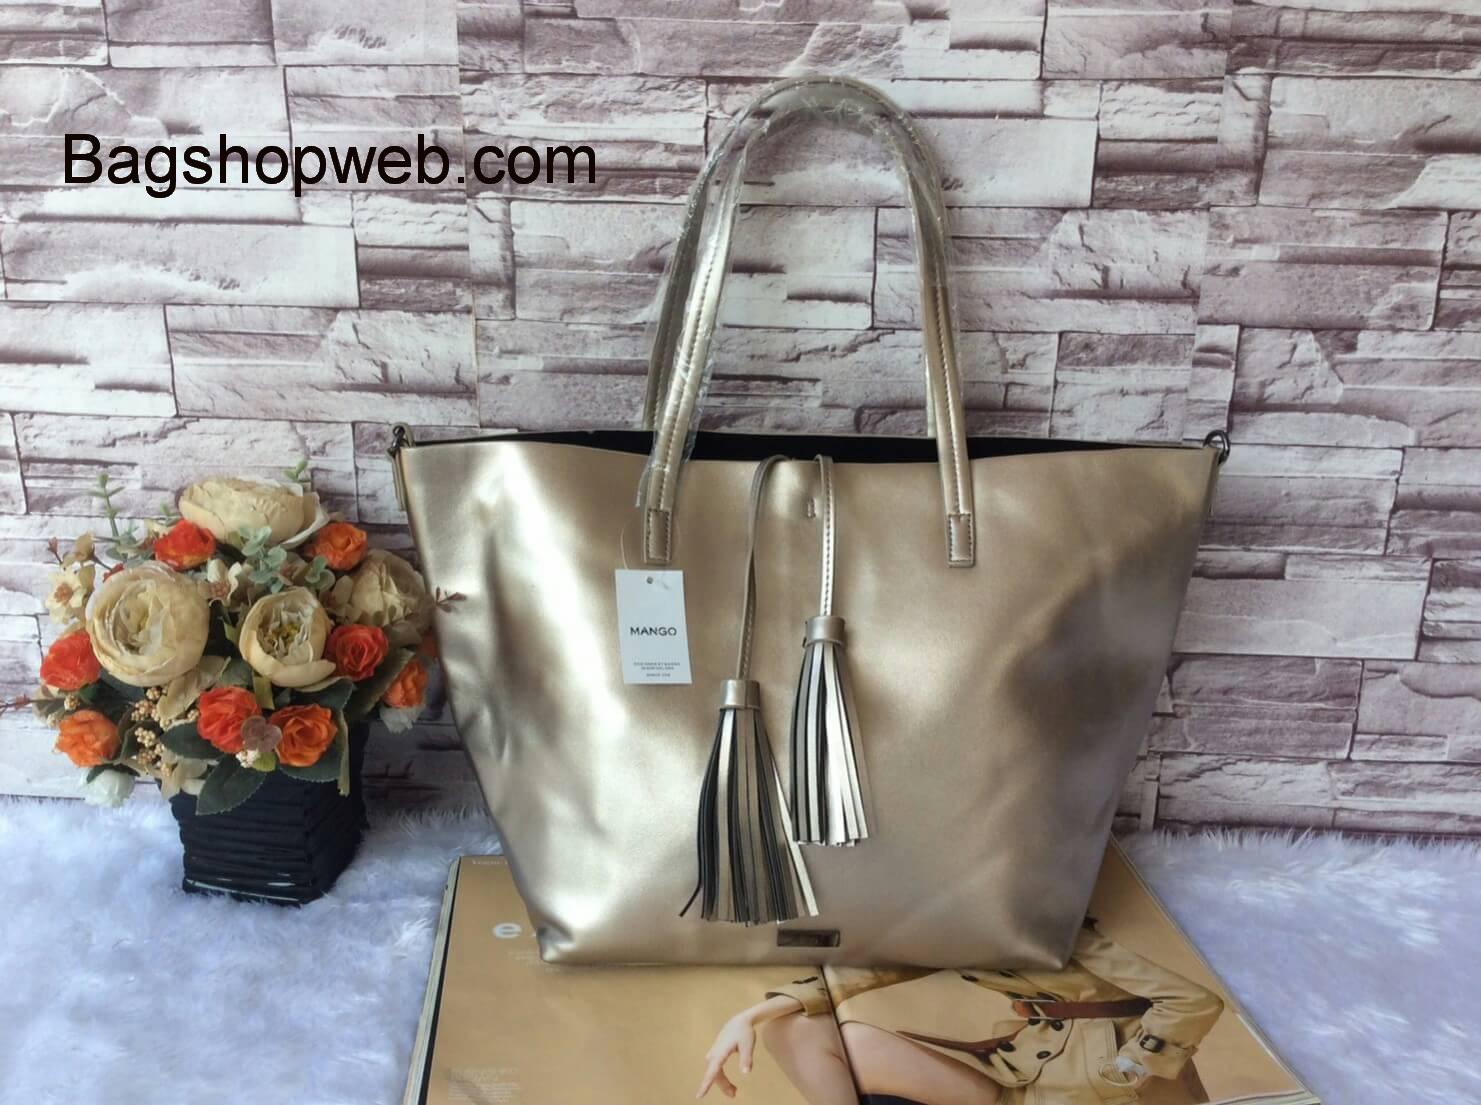 กระเป๋า MNG Shopper bag สีบรอนด์เงิน กระเป๋าหนัง เชือกหนังผูกห้วยด้วยพู่เก๋ๆ!! จัดทรงได้ 2 แบบ